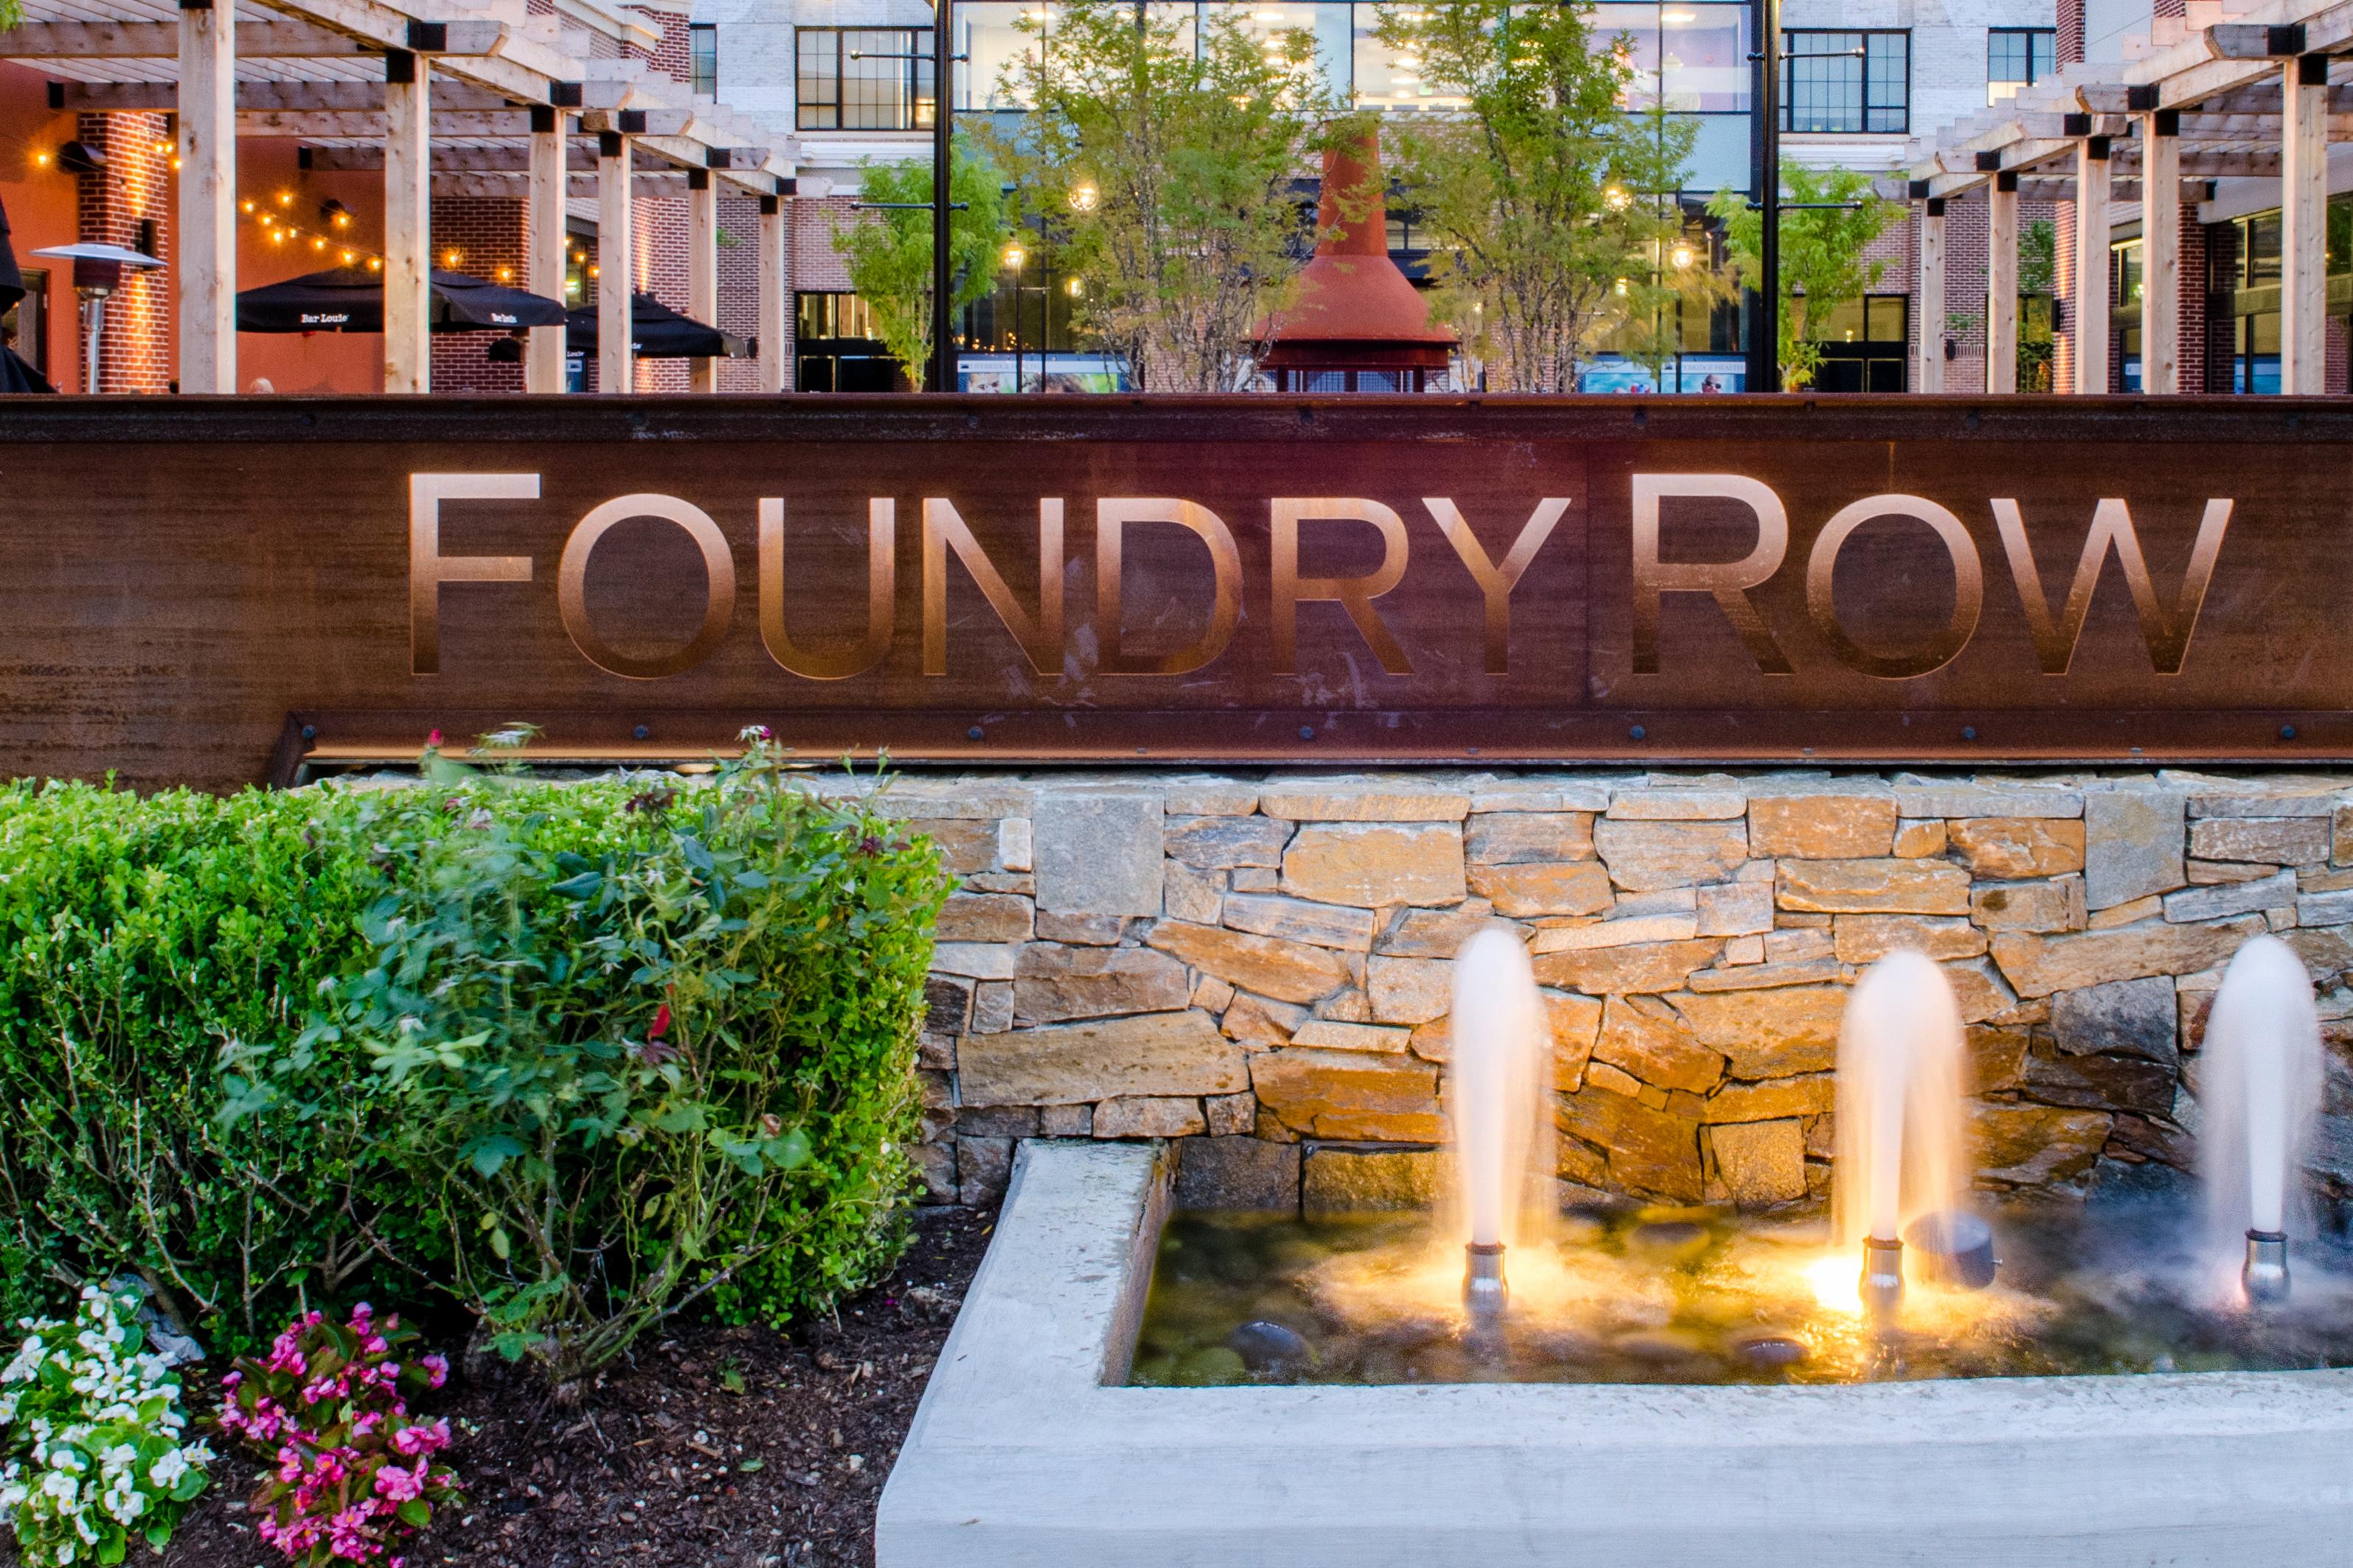 Foundry Row